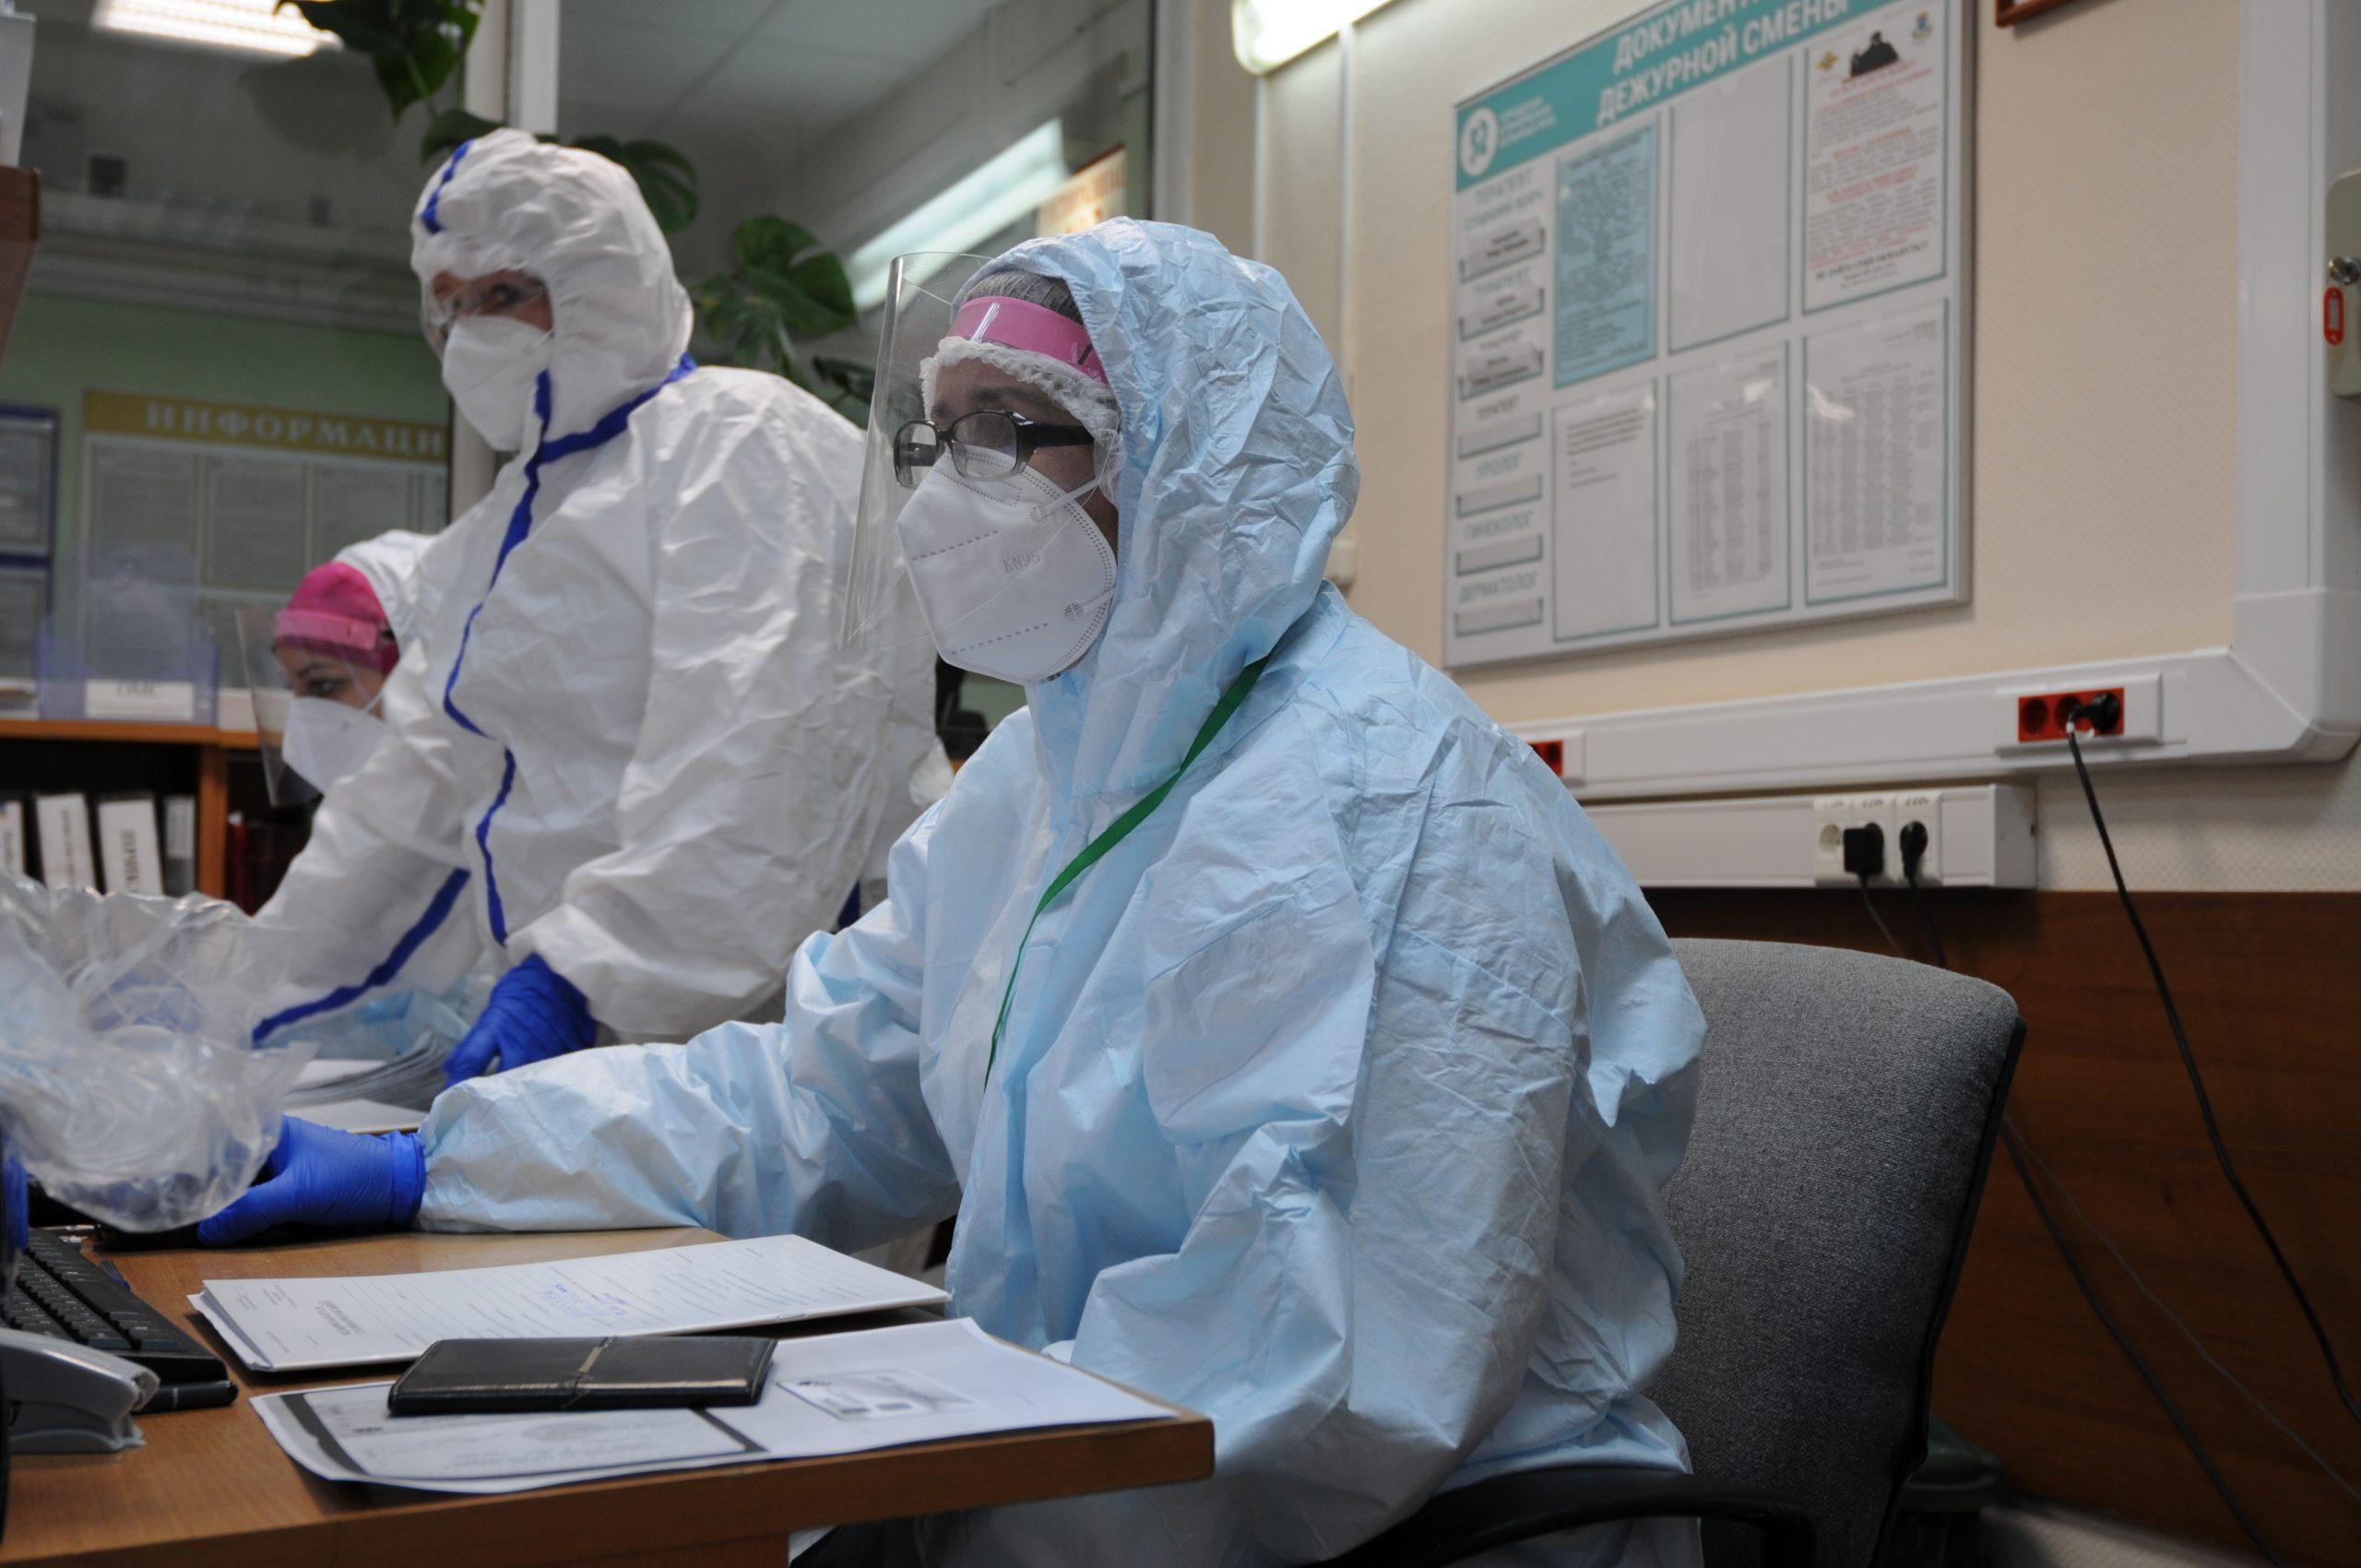 За прошедшие сутки в России выявили 8885 случаев коронавирусной инфекции